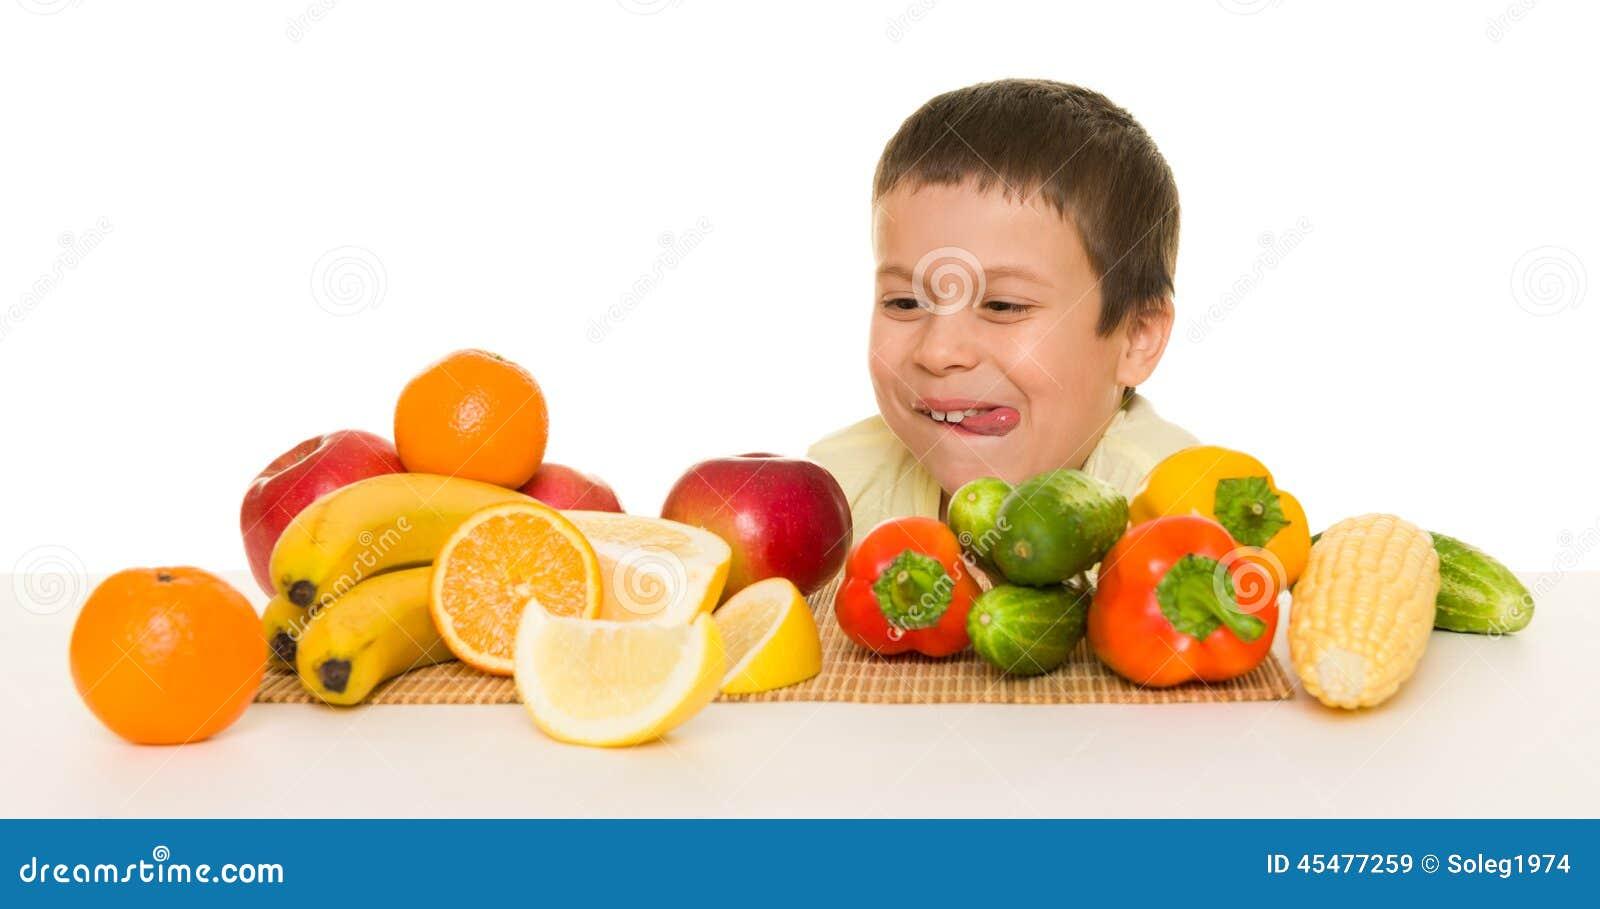 男孩用水果和蔬菜